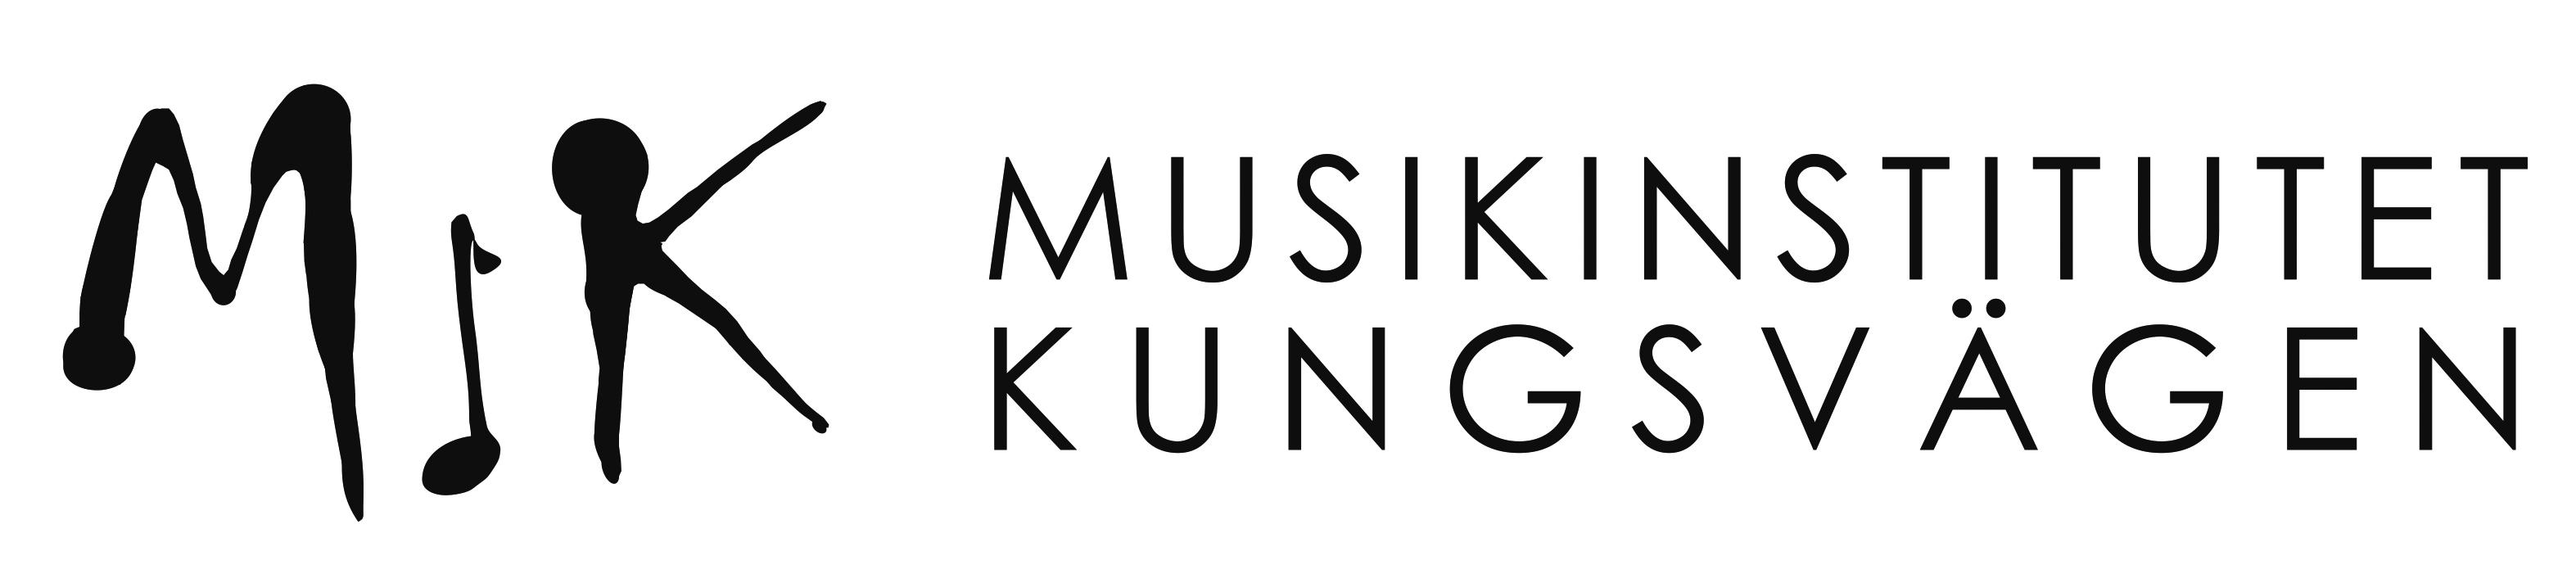 Musikinstitutet Kungsvägen